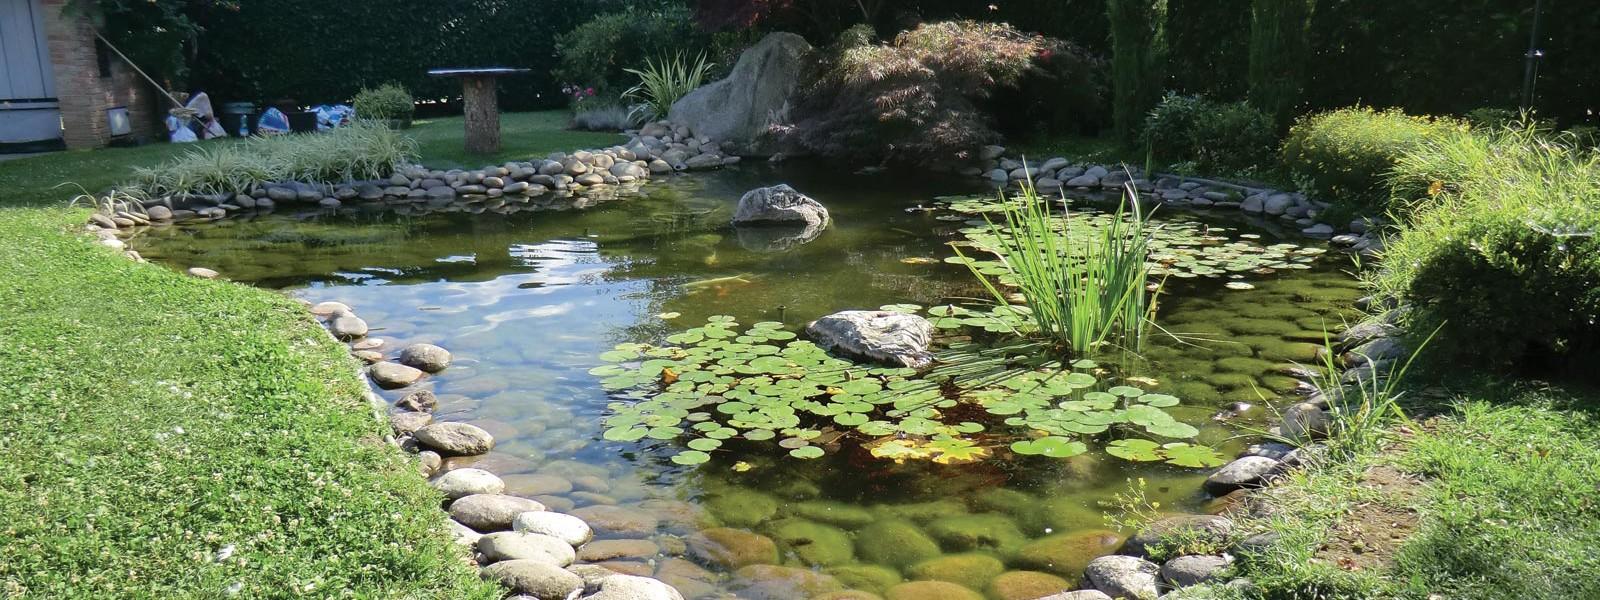 Laghetti artificiali fai da te laghetti artificiali per giardino come arredare la zona with - Laghetti da giardino ...